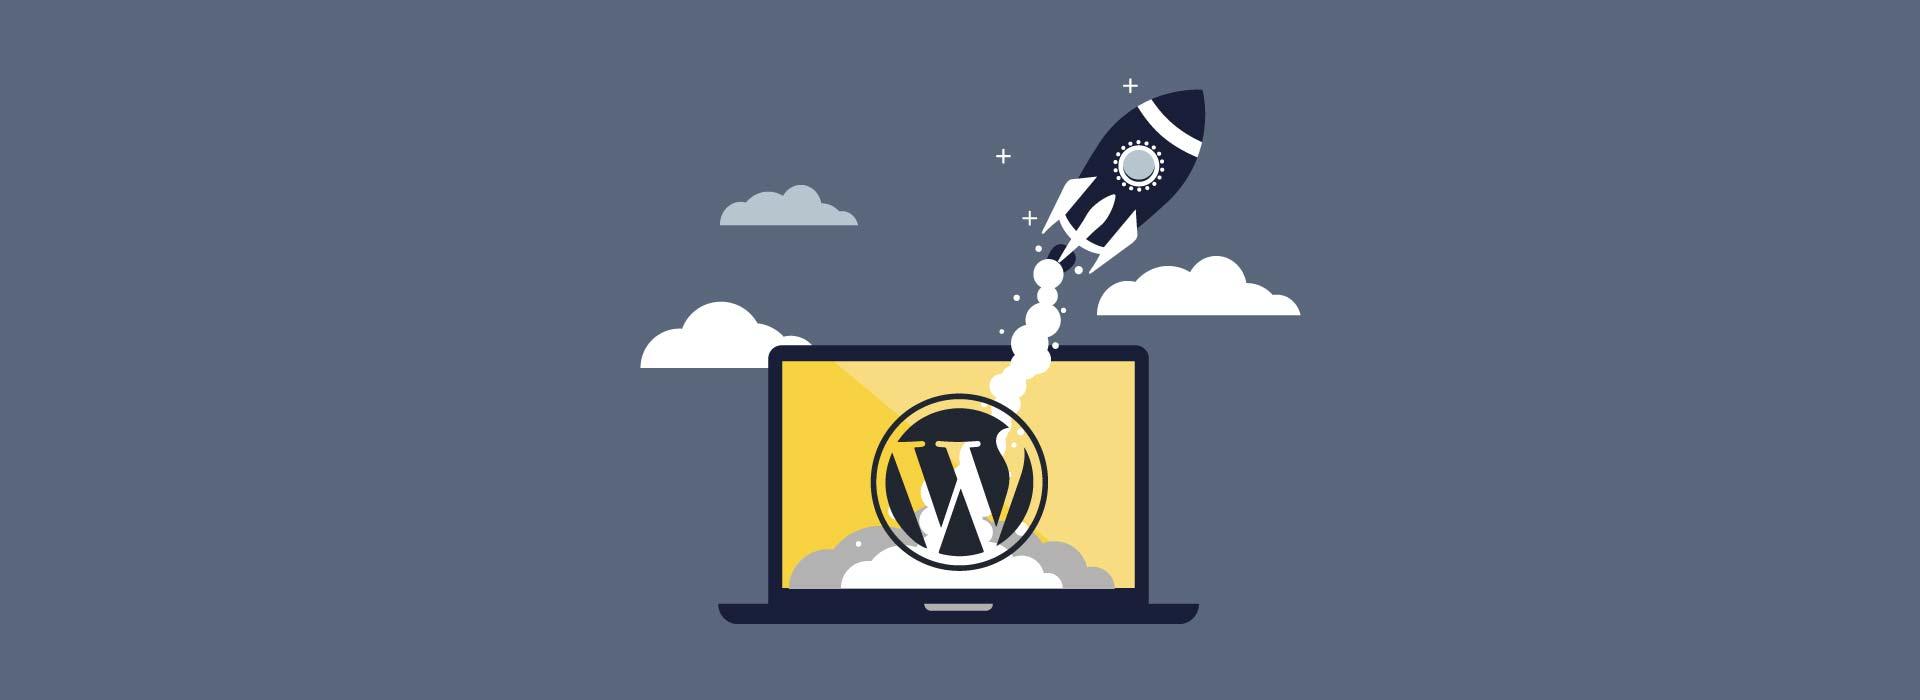 hitrost wordpress spletne strani